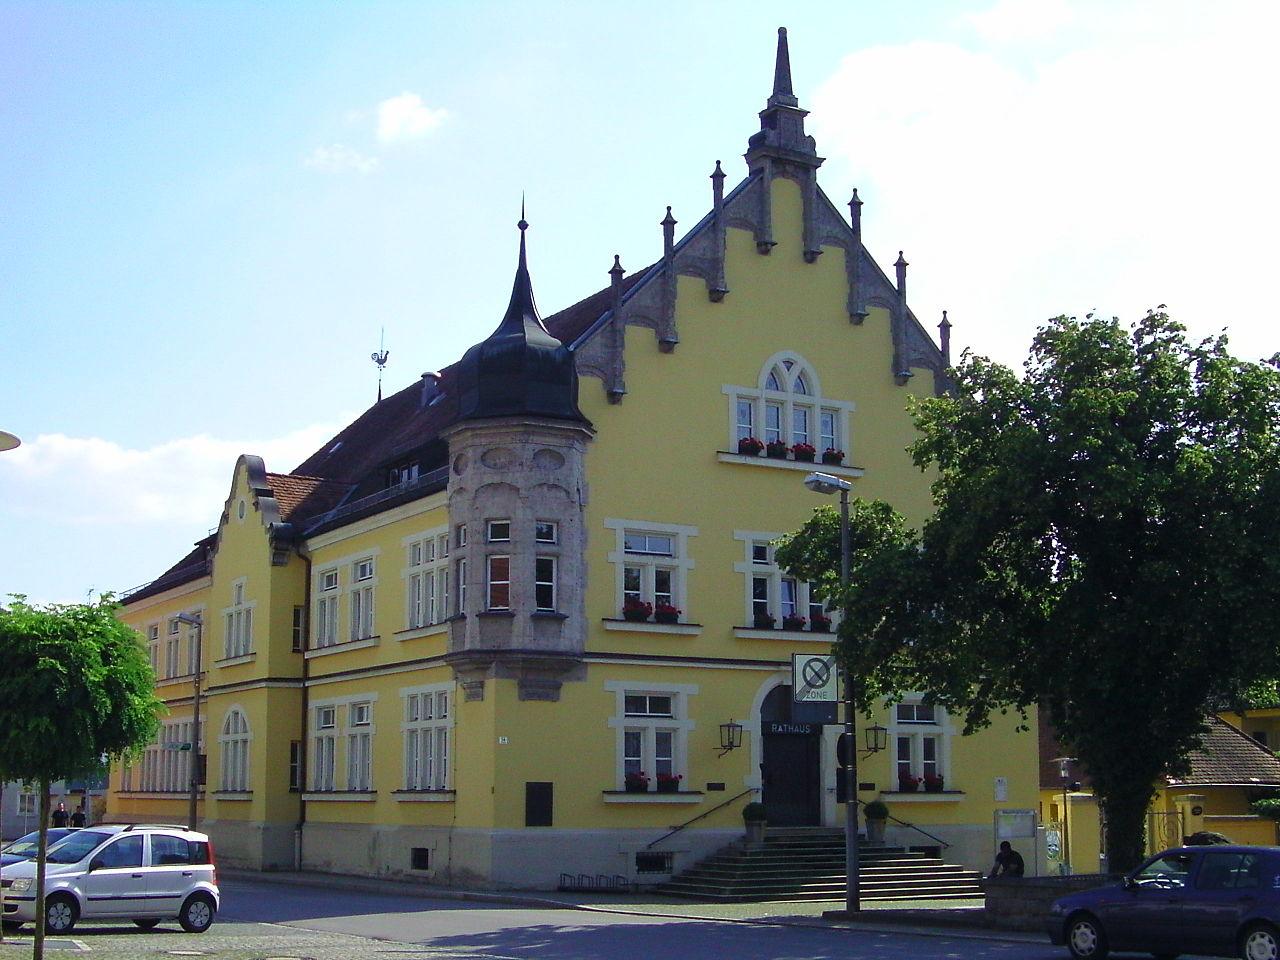 Bogen Rathaus